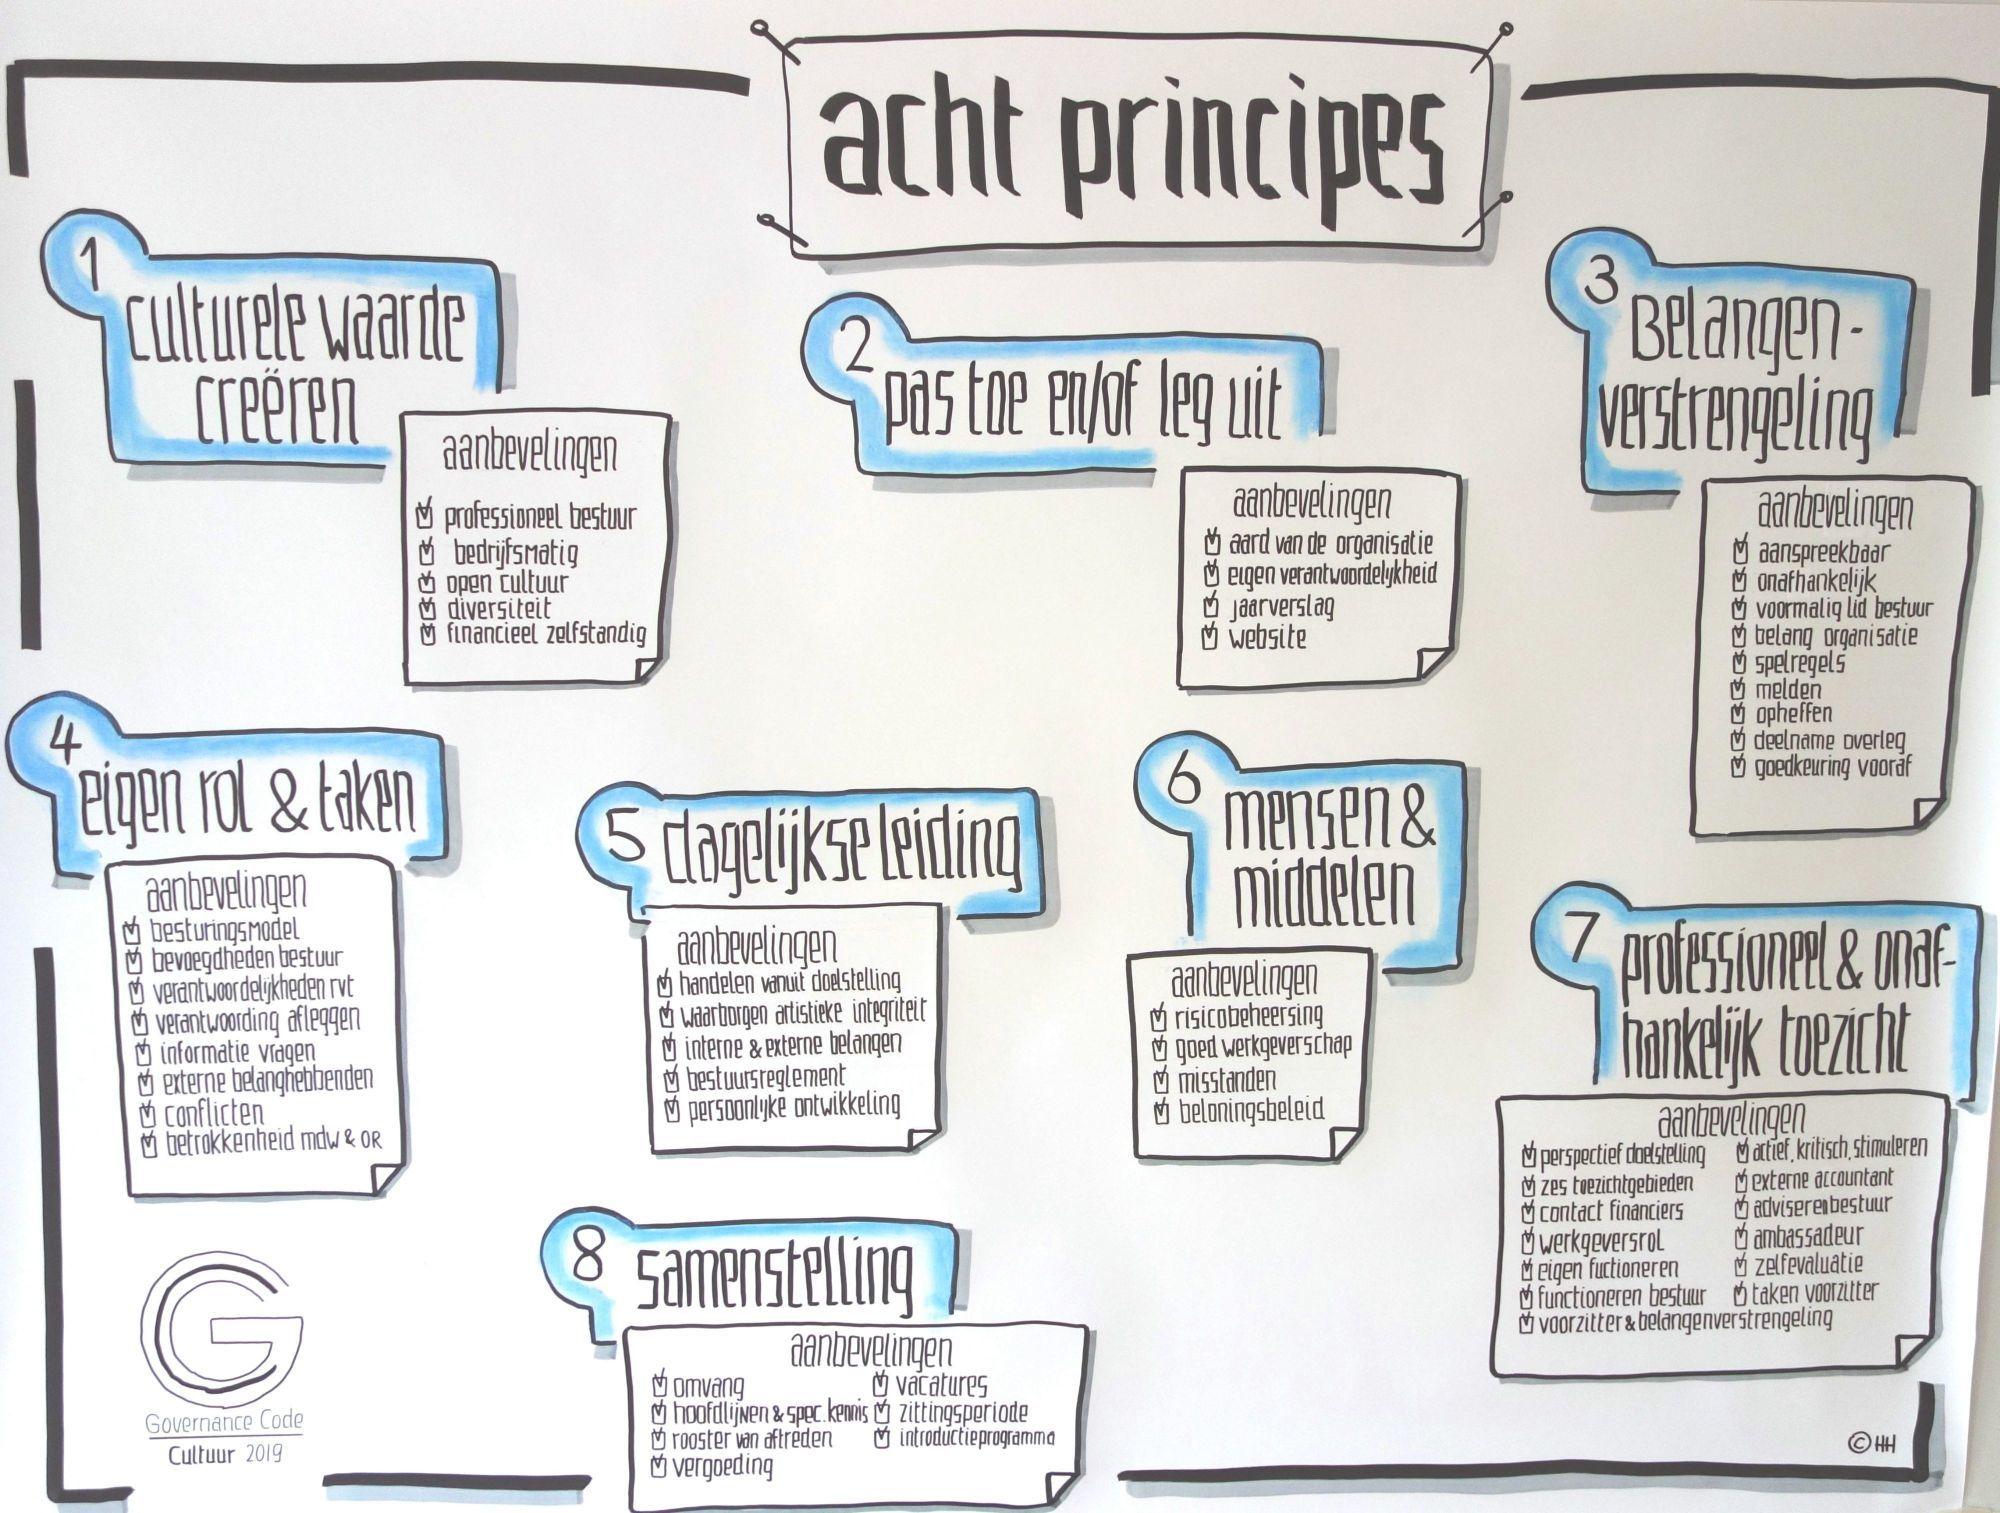 BMB 8 principes